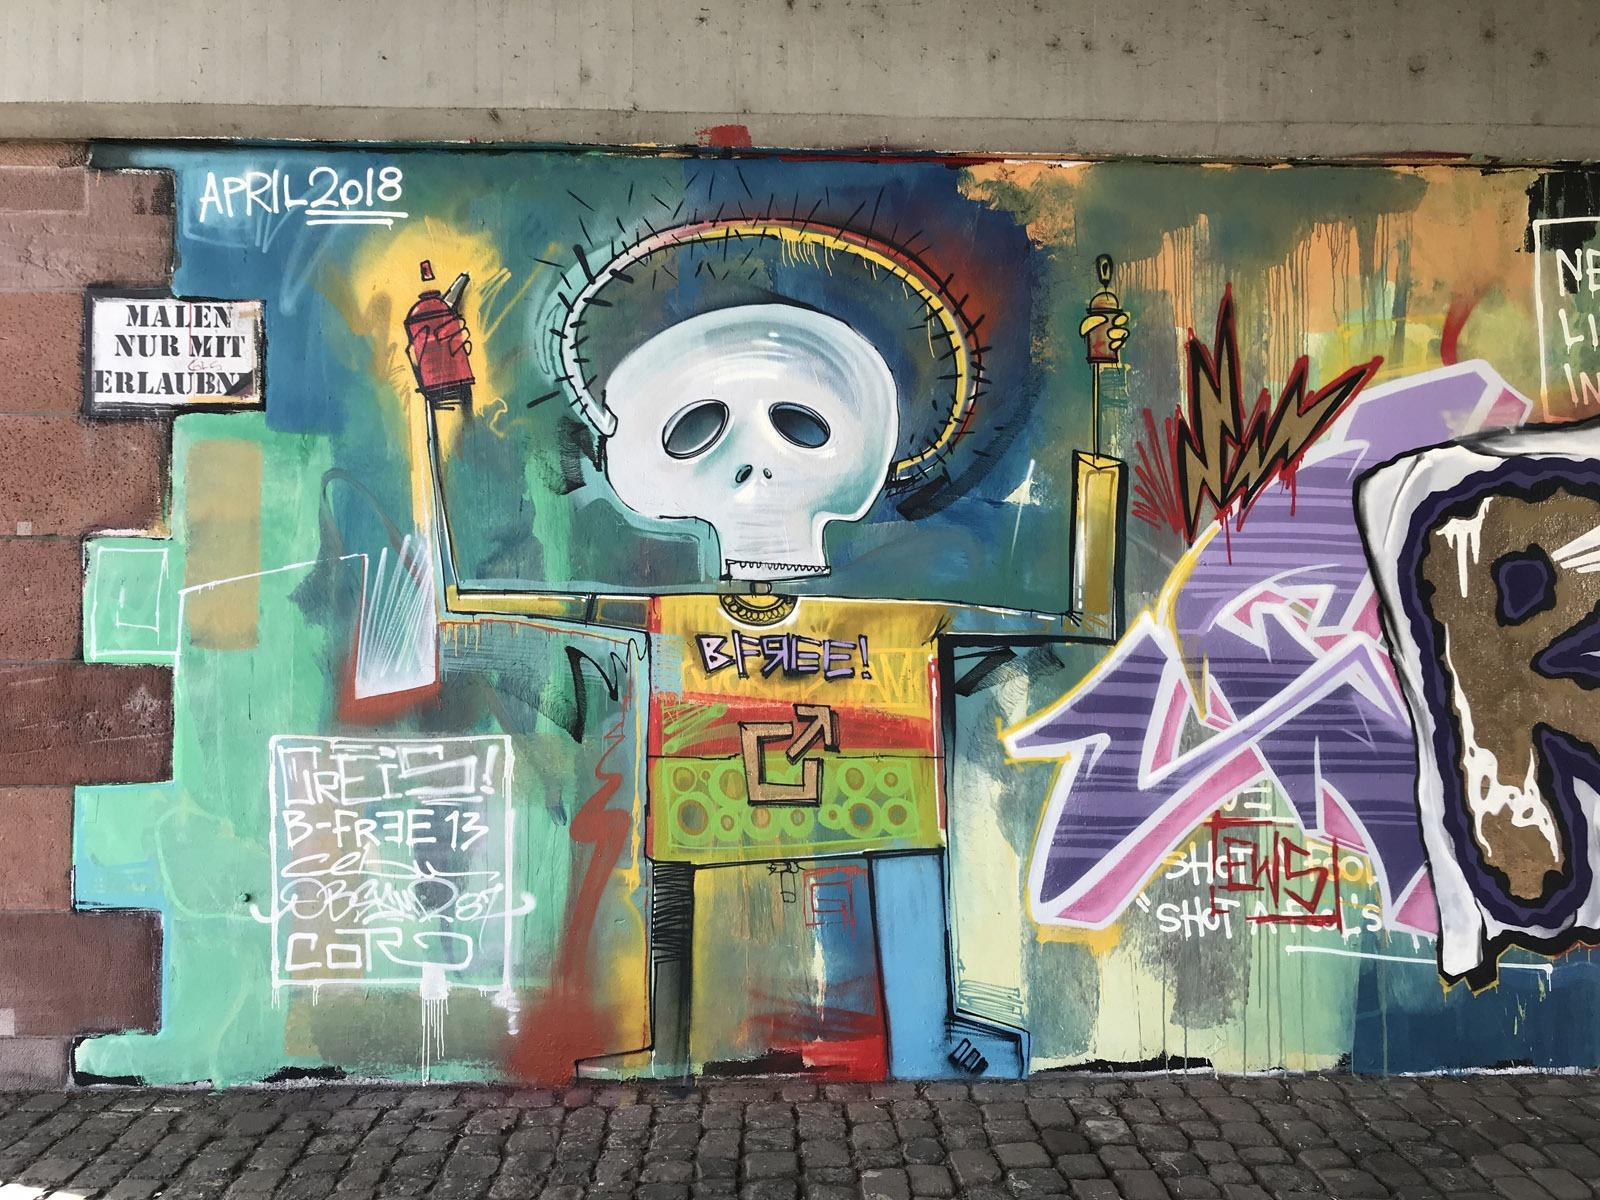 graffitiauftrag_graffitikuenstler_artmos4_basquiat_abstrakt_bunt_totenkopf_sombrero